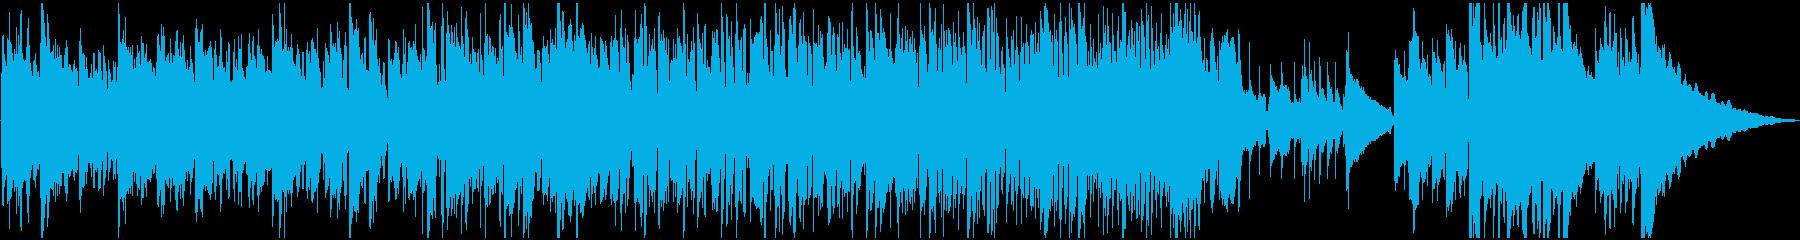 オーガニックなオープニング感・アコギの再生済みの波形